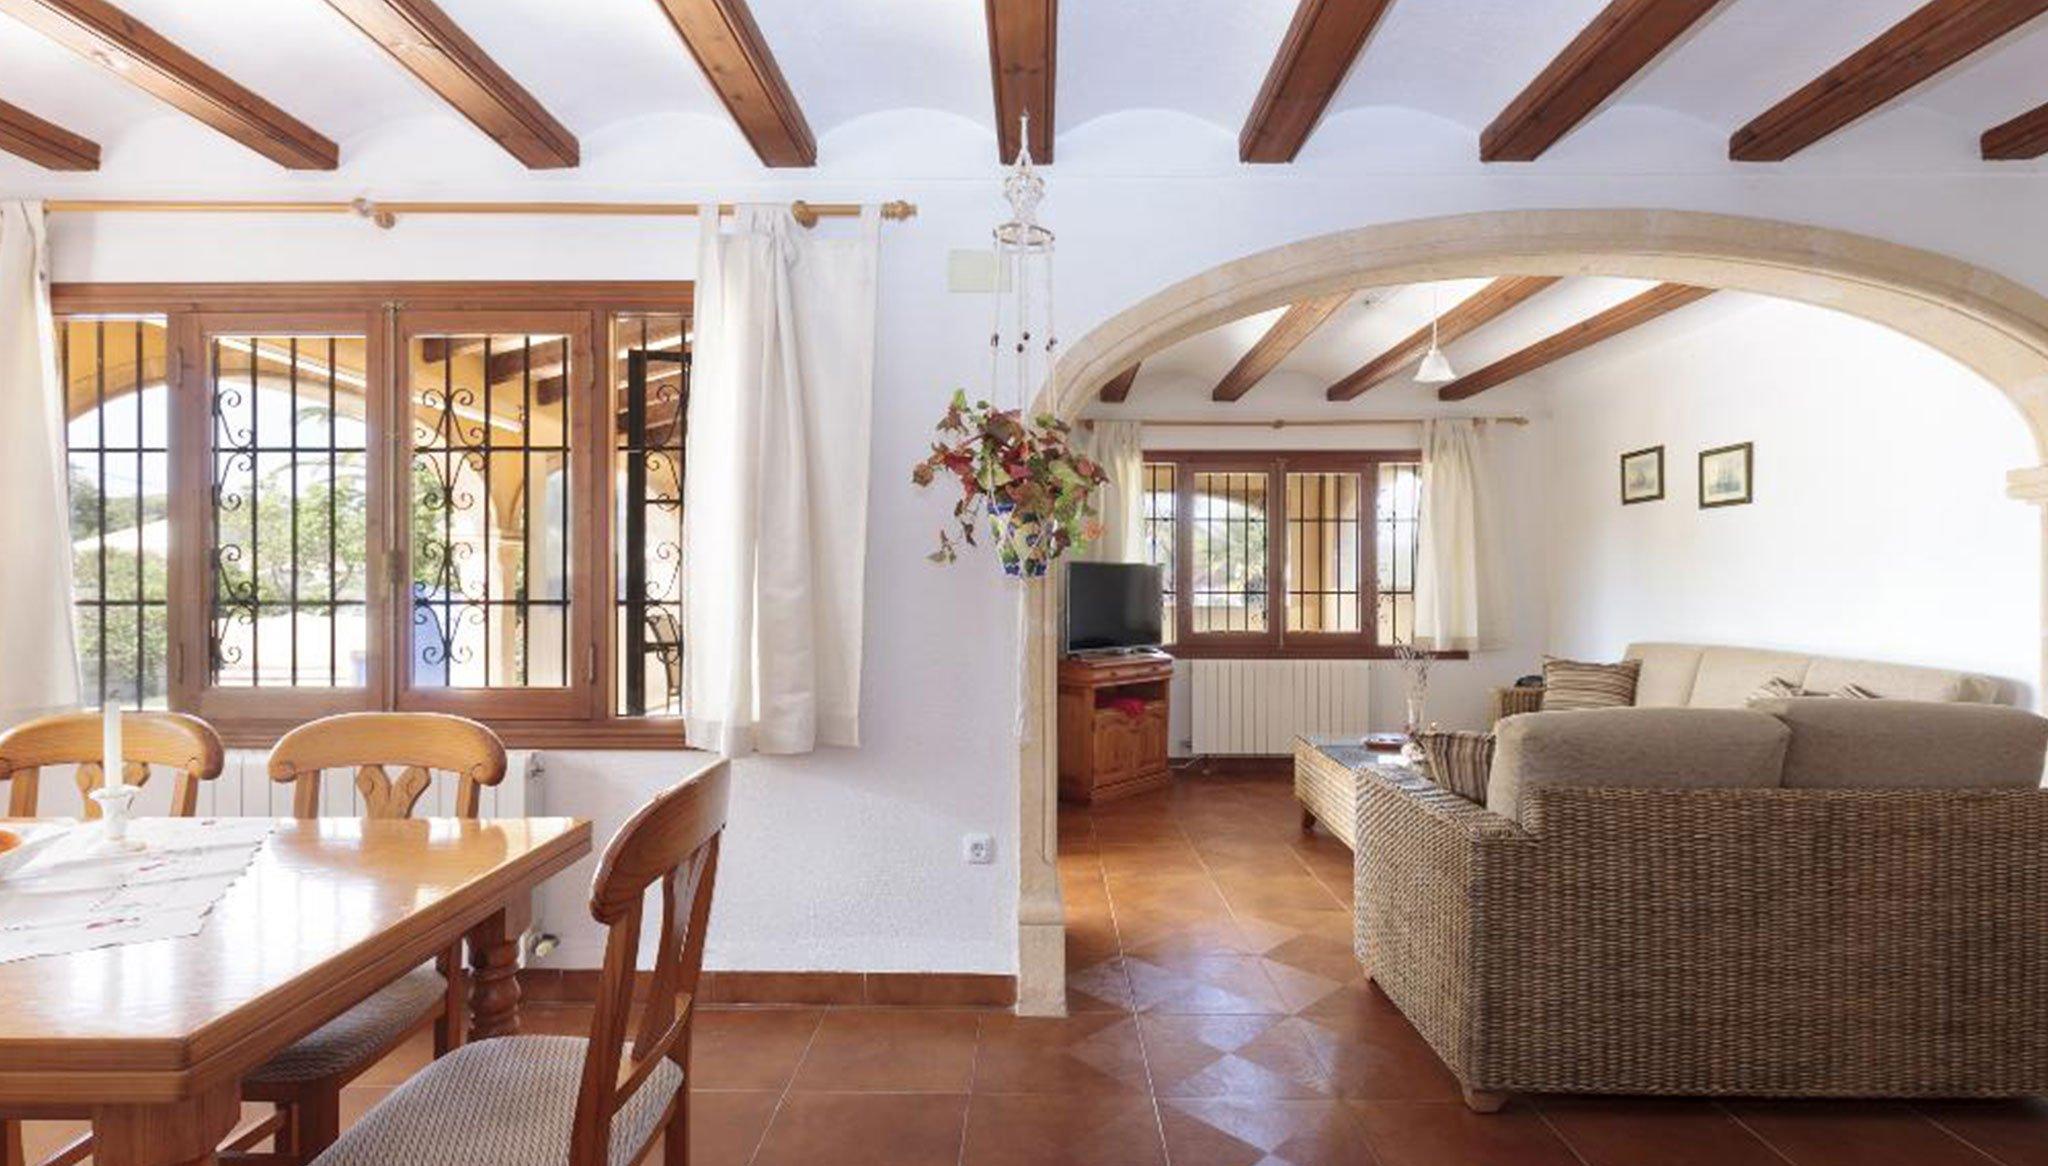 Salón y comedor de una villa de alquiler para vacaciones – Quality Rent a Villa